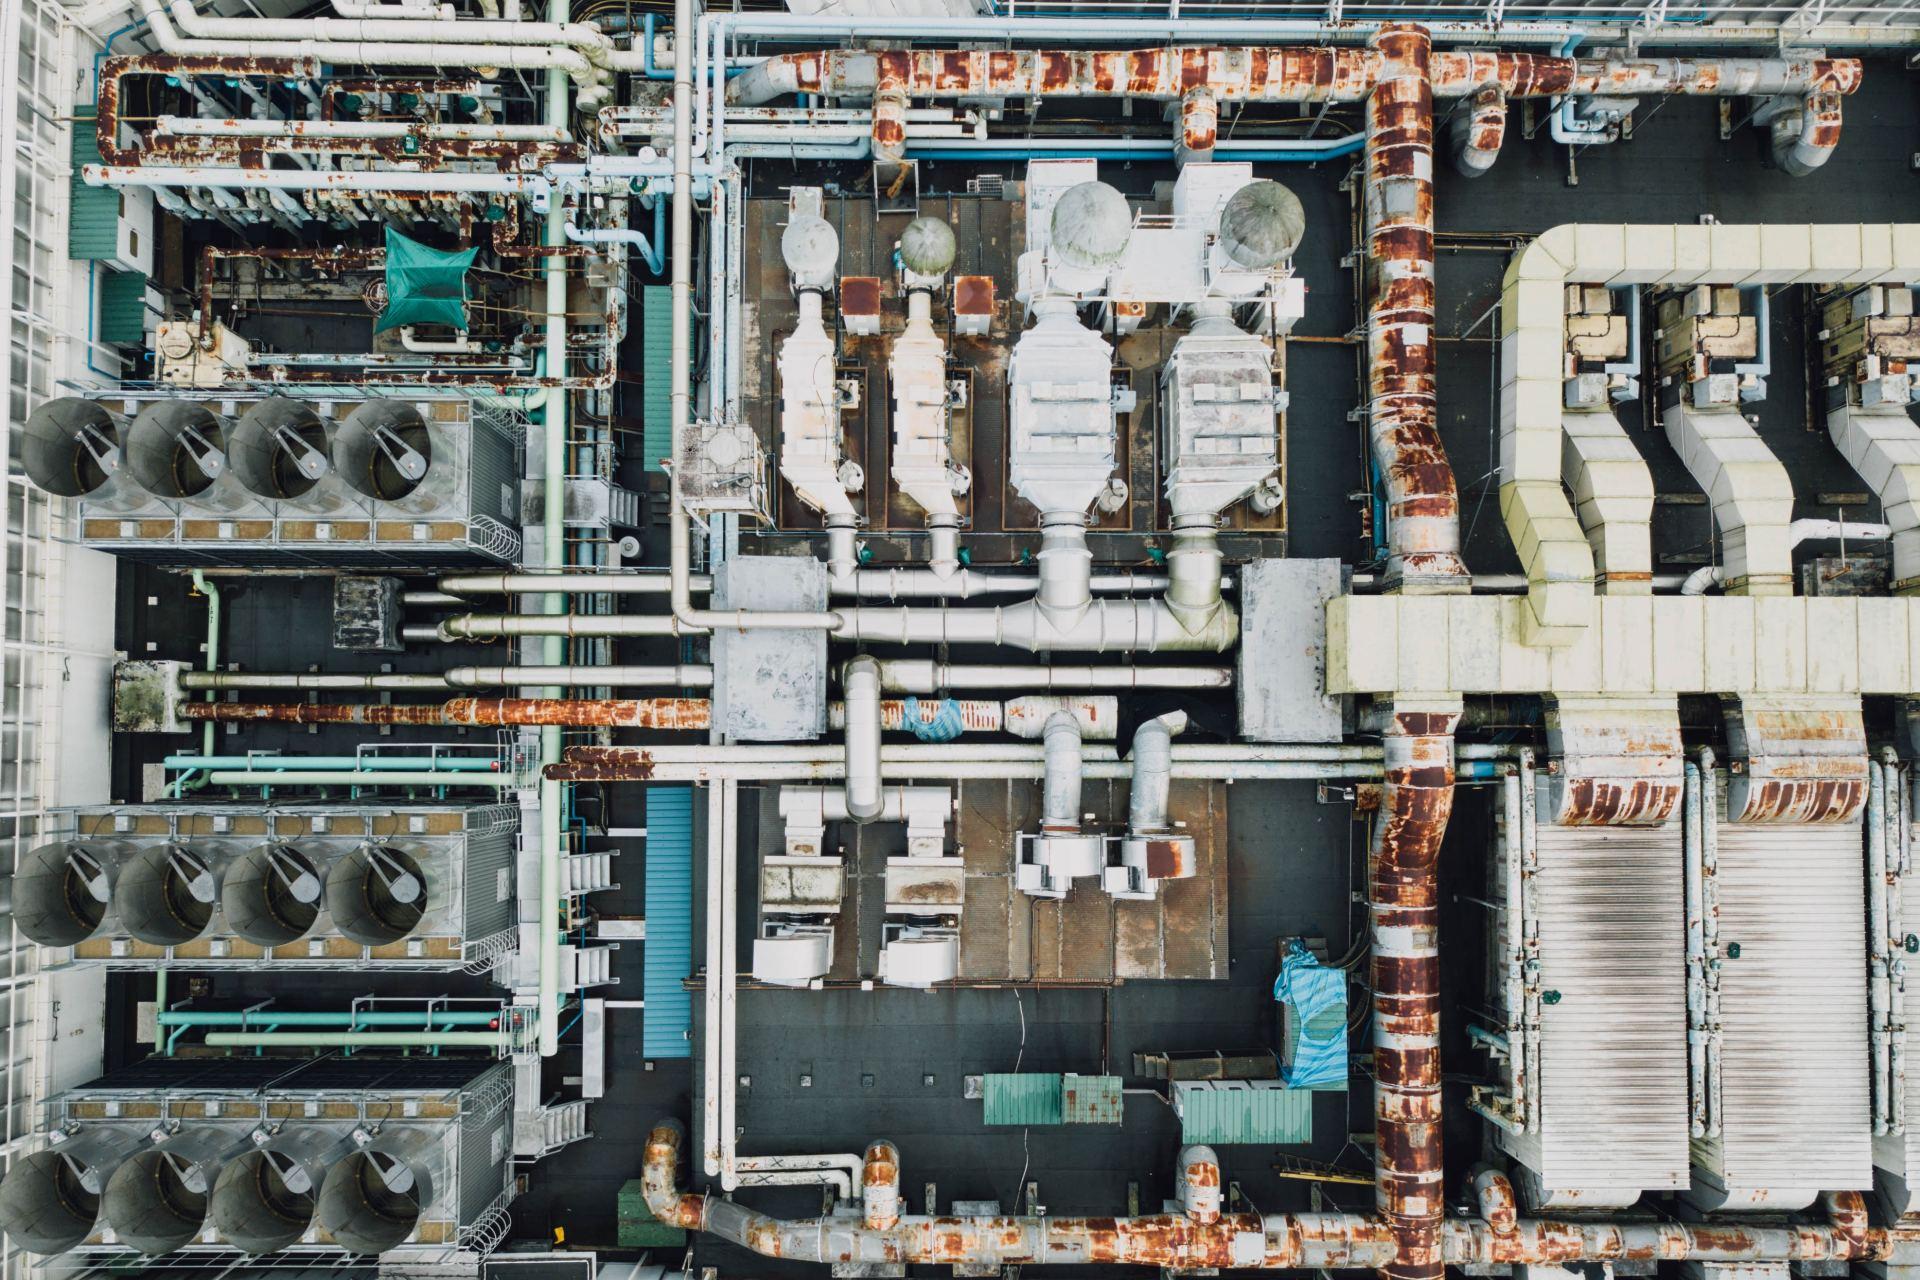 EI&C, Water Infrastructure